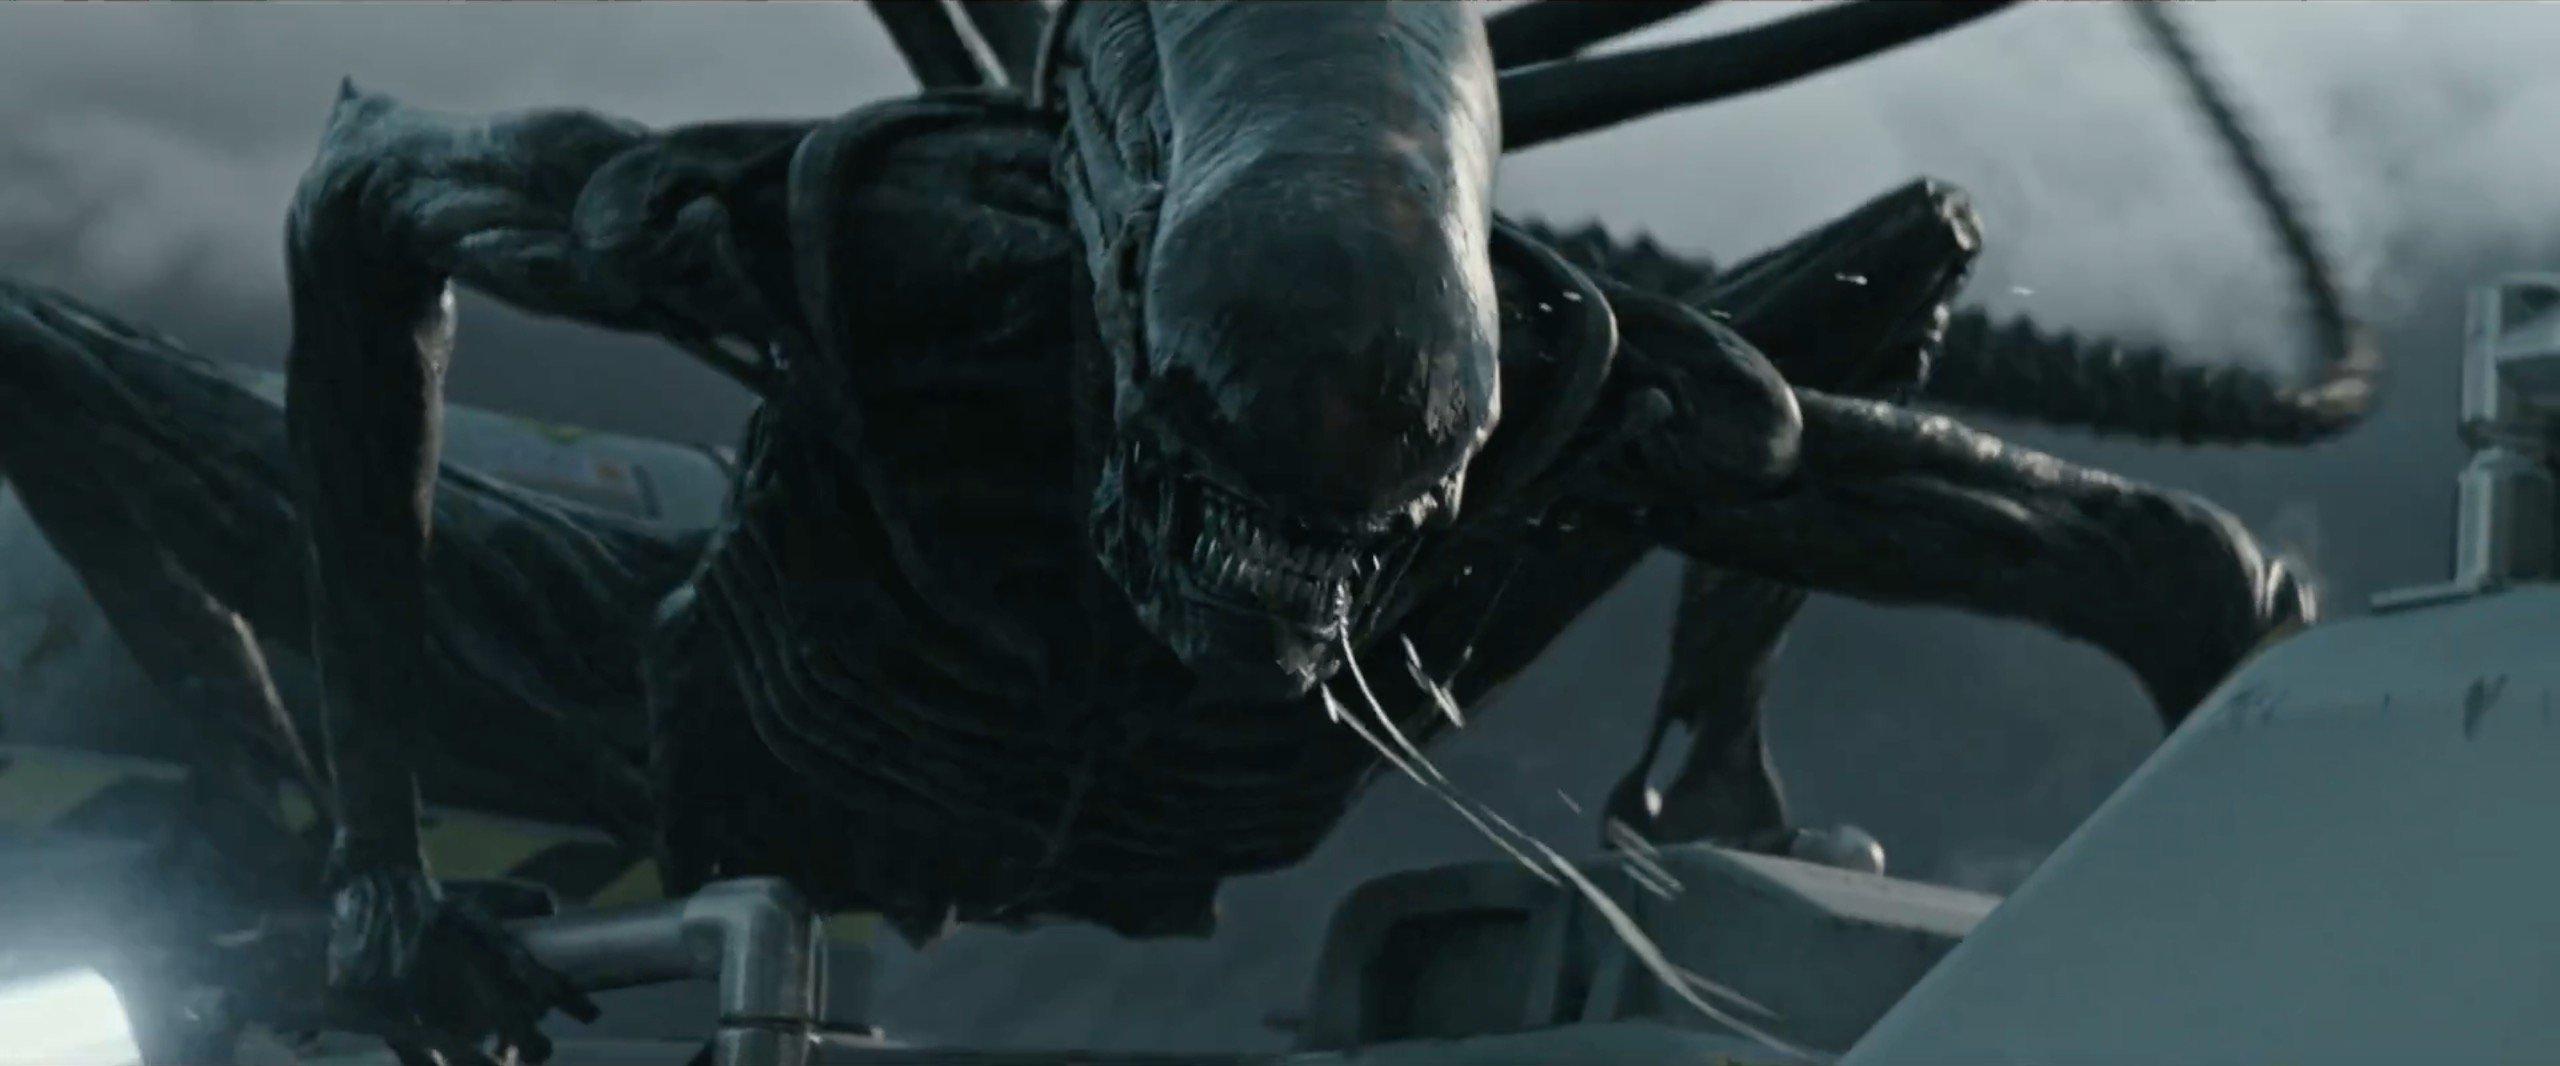 alien_covenant_xenomorph.jpg